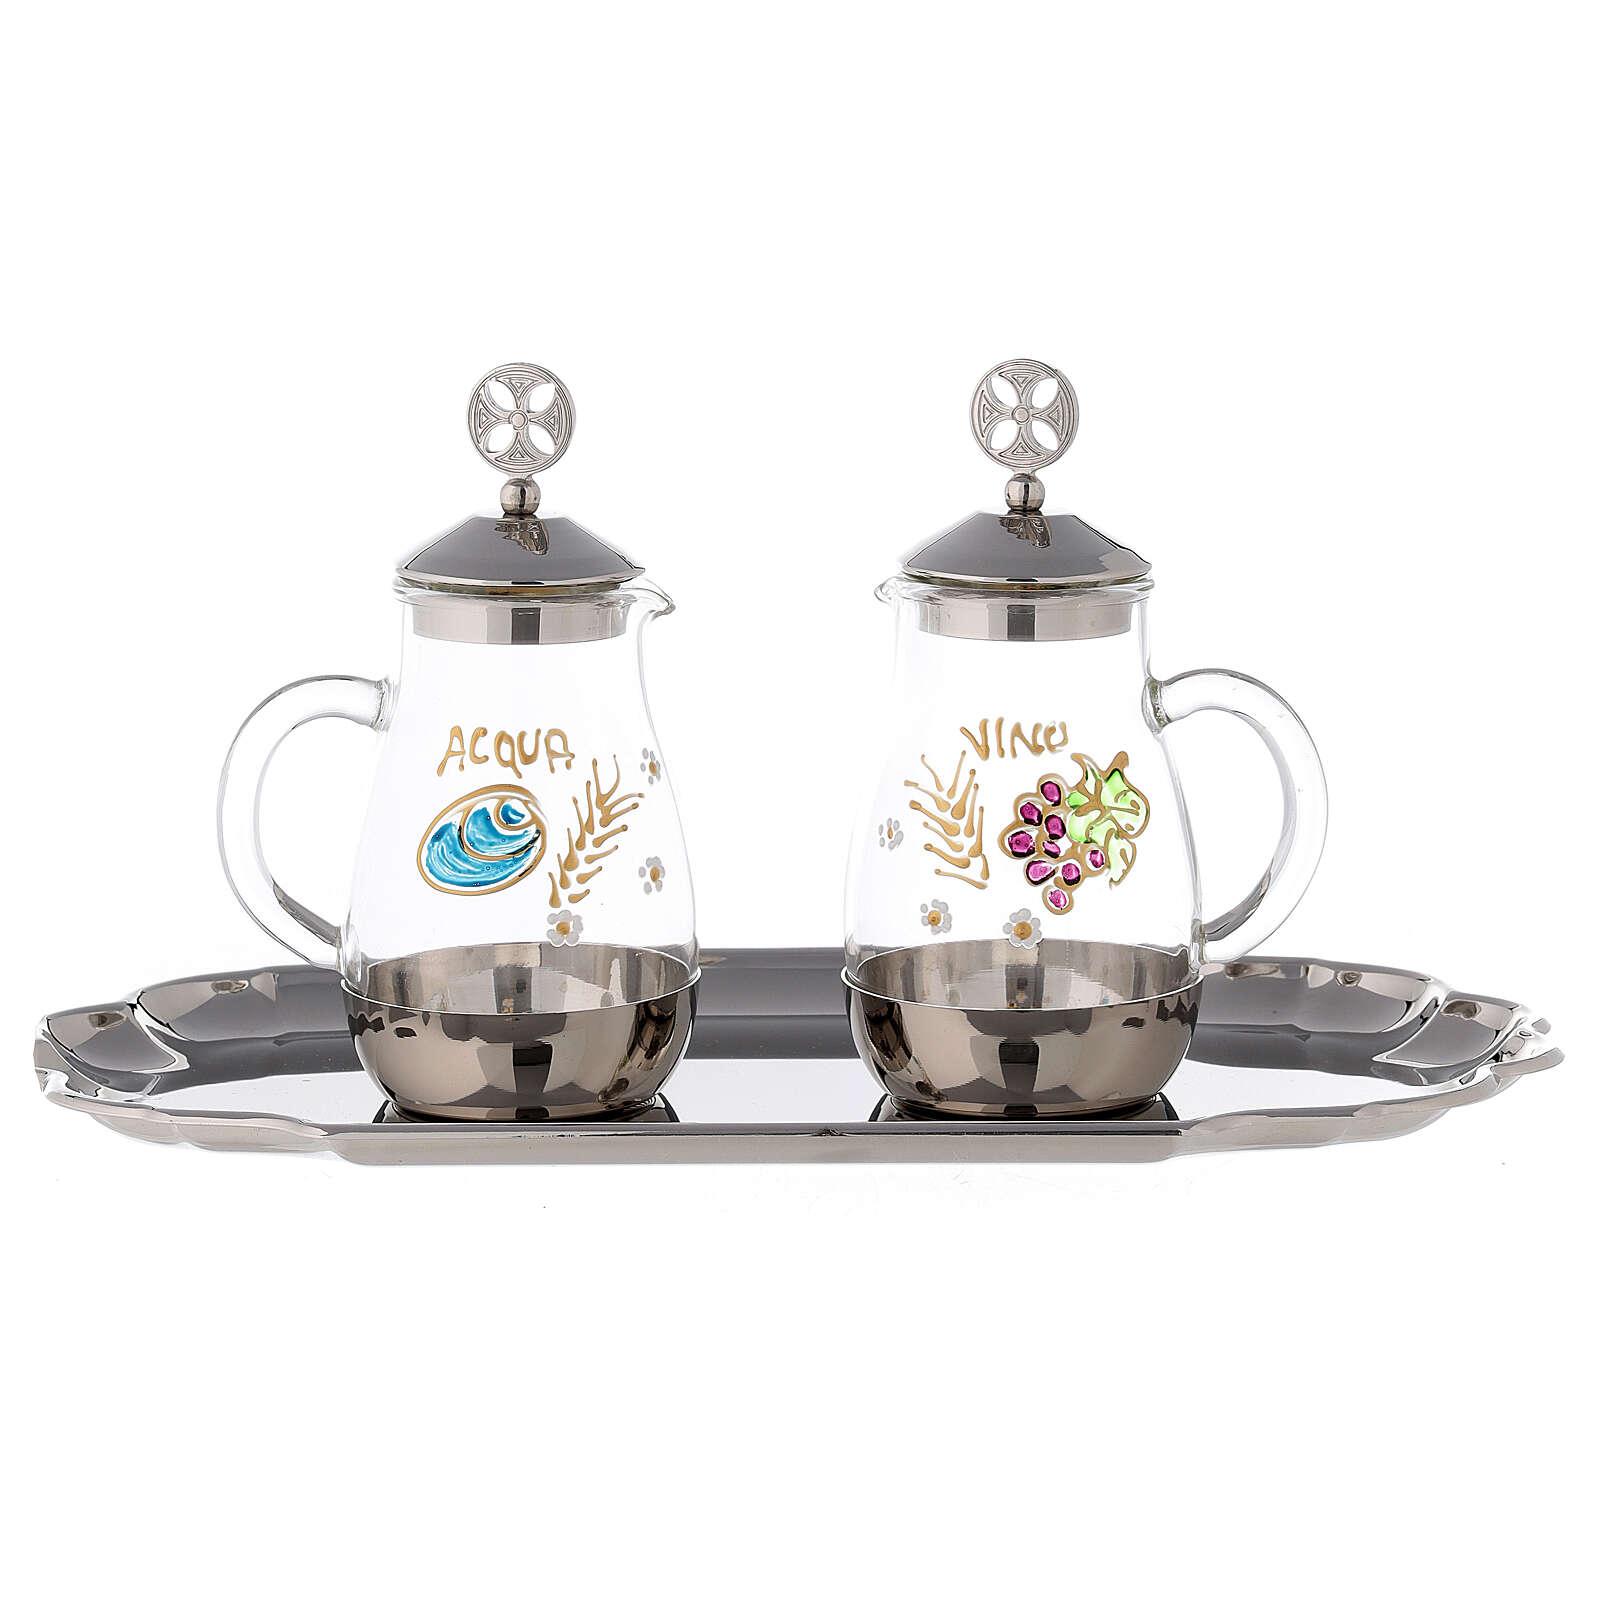 Como silver-plated brass cruets 160 ml 4